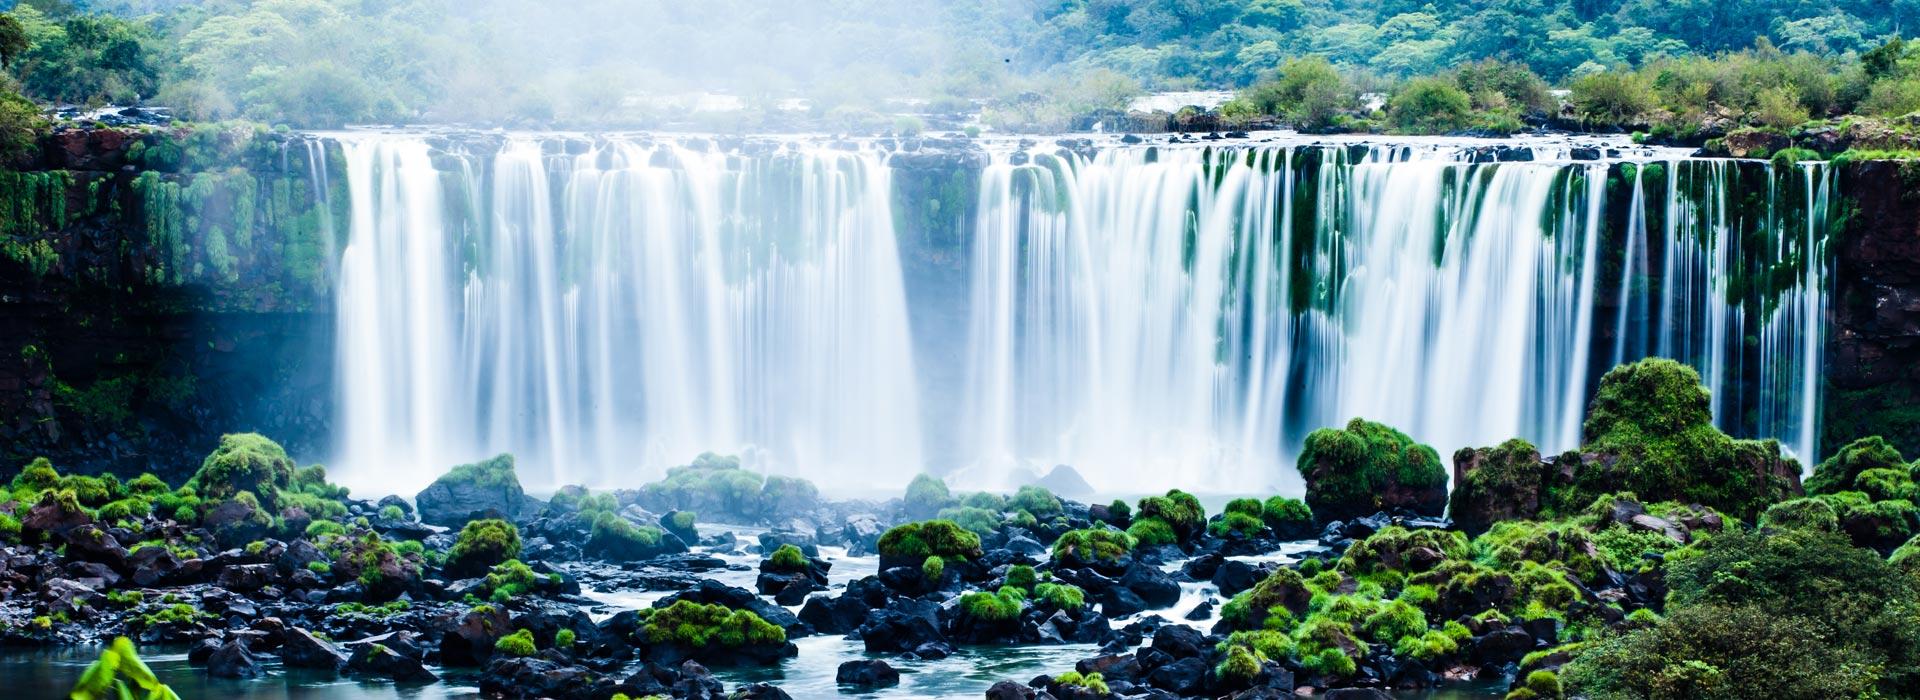 Iguassu Falls, lato brasiliano